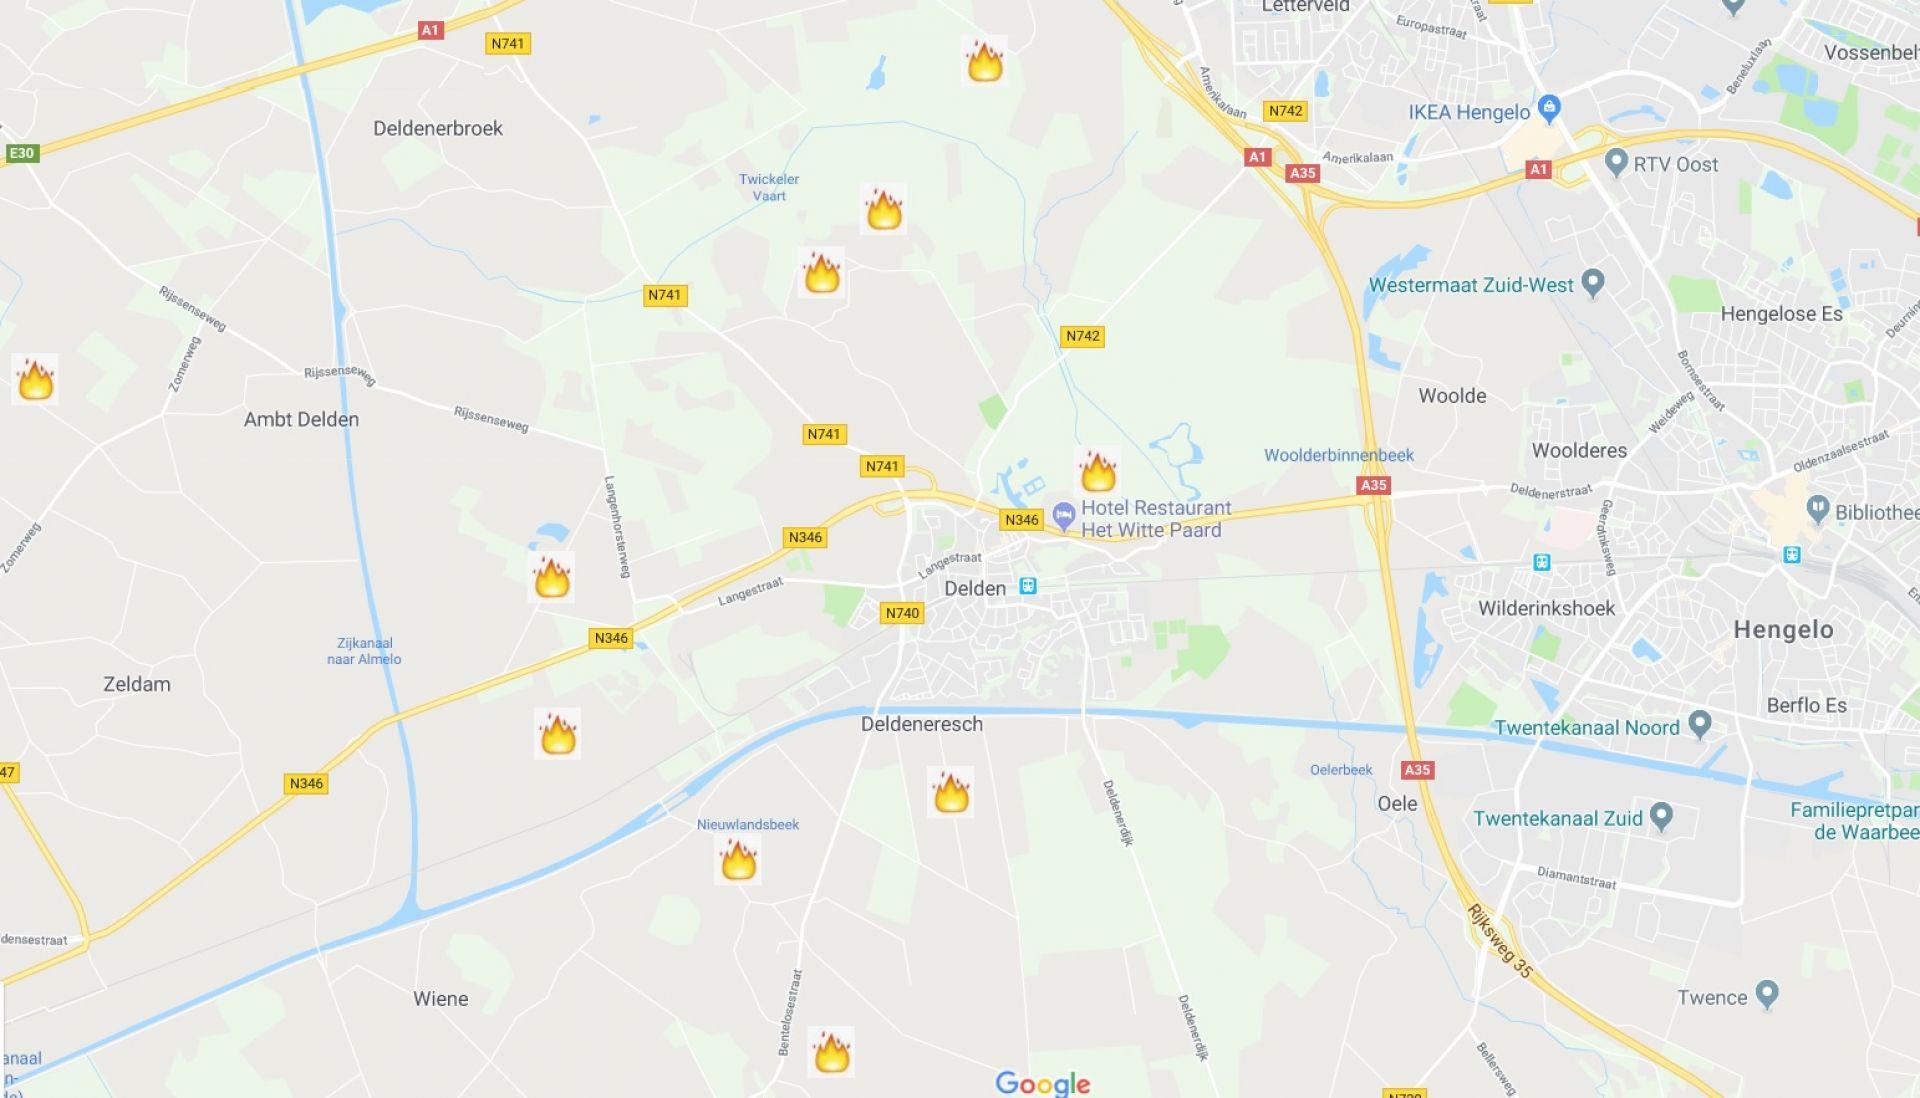 Locaties paasvuren rondom Delden in kaart